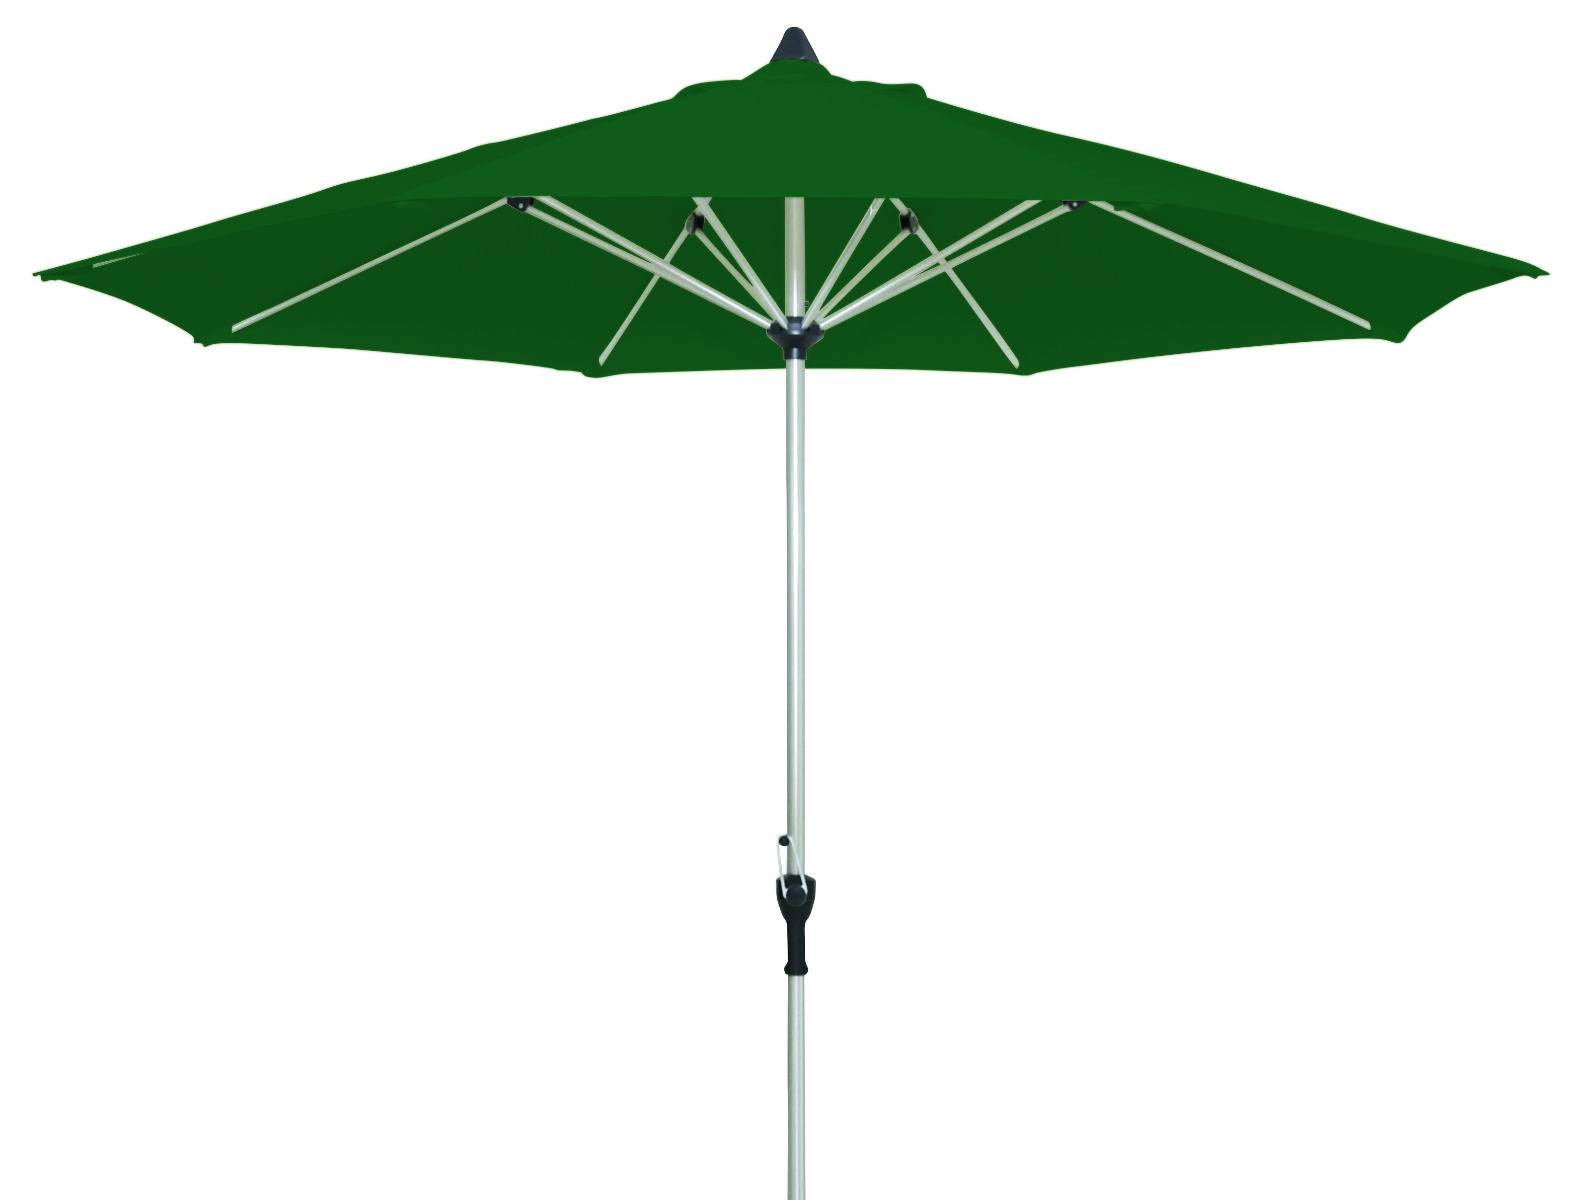 acapole Marktschirm rund 300cm mit Knickgelenk platin forest grün 6,4 kg ohne Fuss Aluminium Gestell Sonnenschutzfaktor 50+ mit wasserabweisendem Bezug aus Polyester 200g/m²